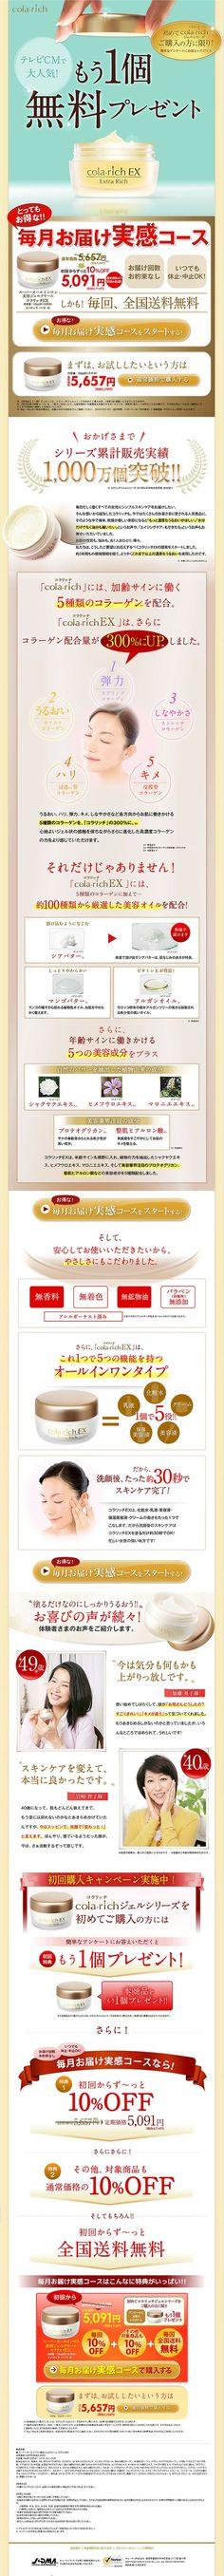 ランディングページ LP コラリッチEX スキンケア・美容商品 自社サイト: